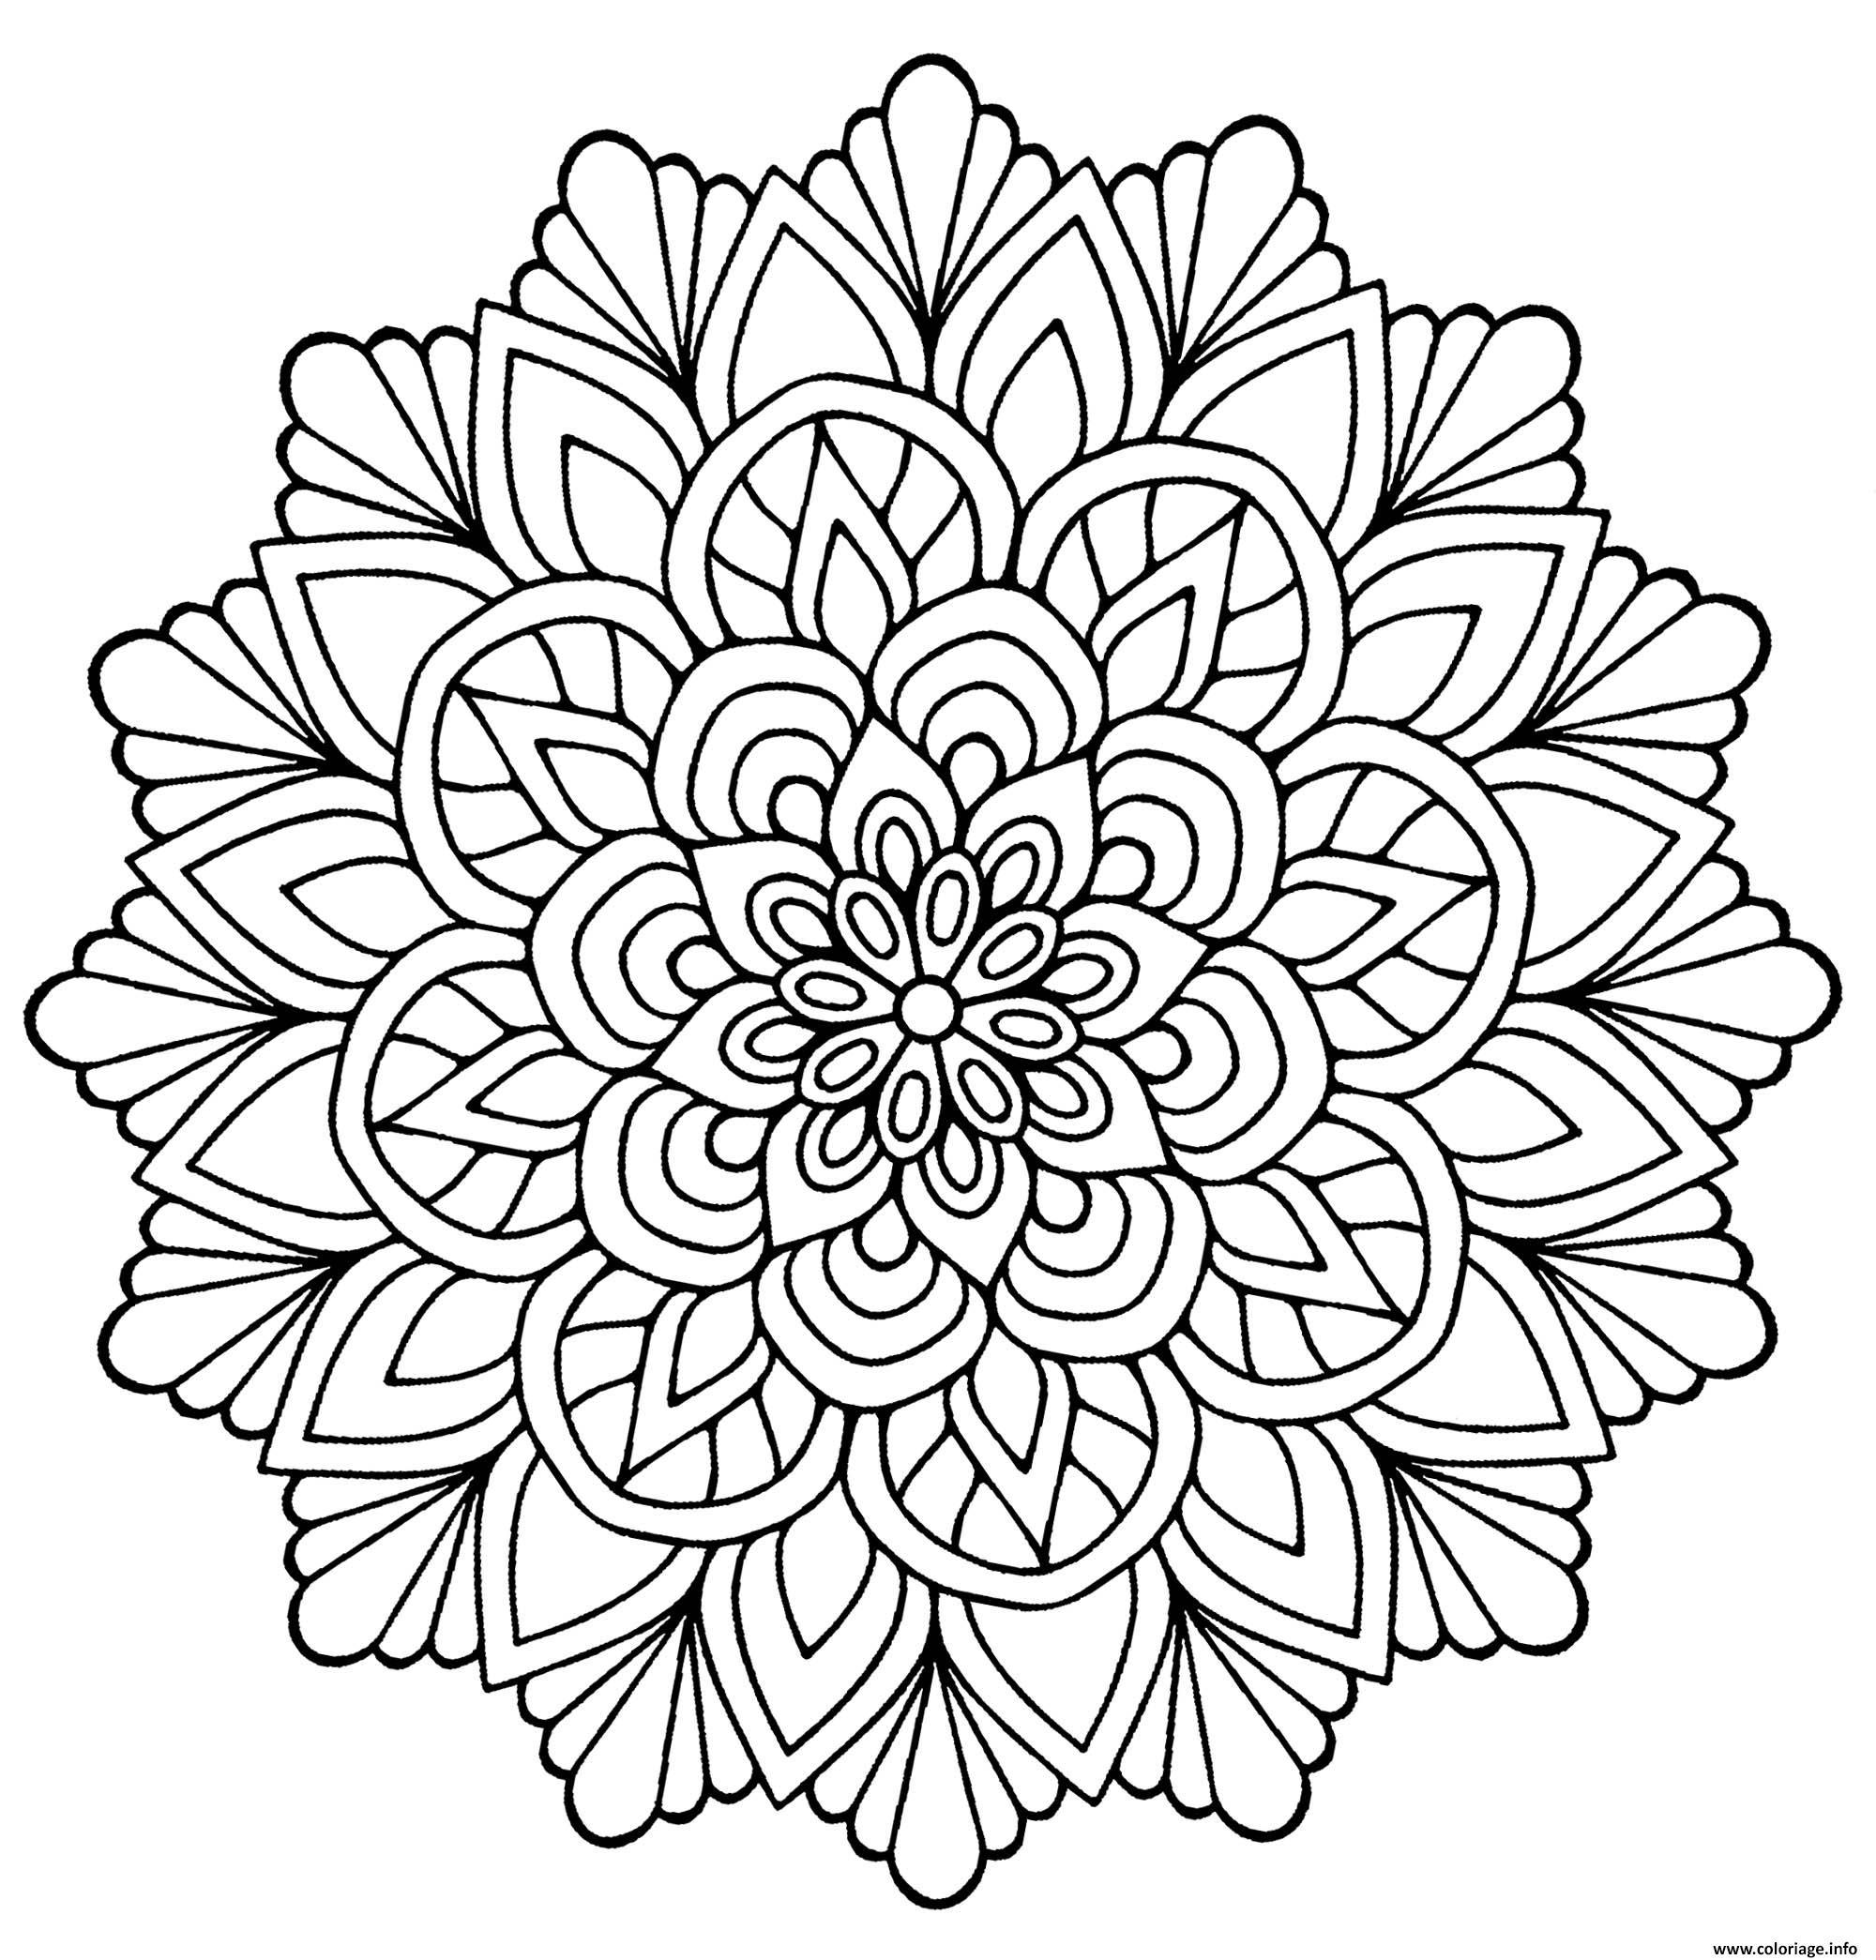 Coloriage Mandala Fleur Avec Feuilles Dessin destiné Dessin A Colorier De Fleur